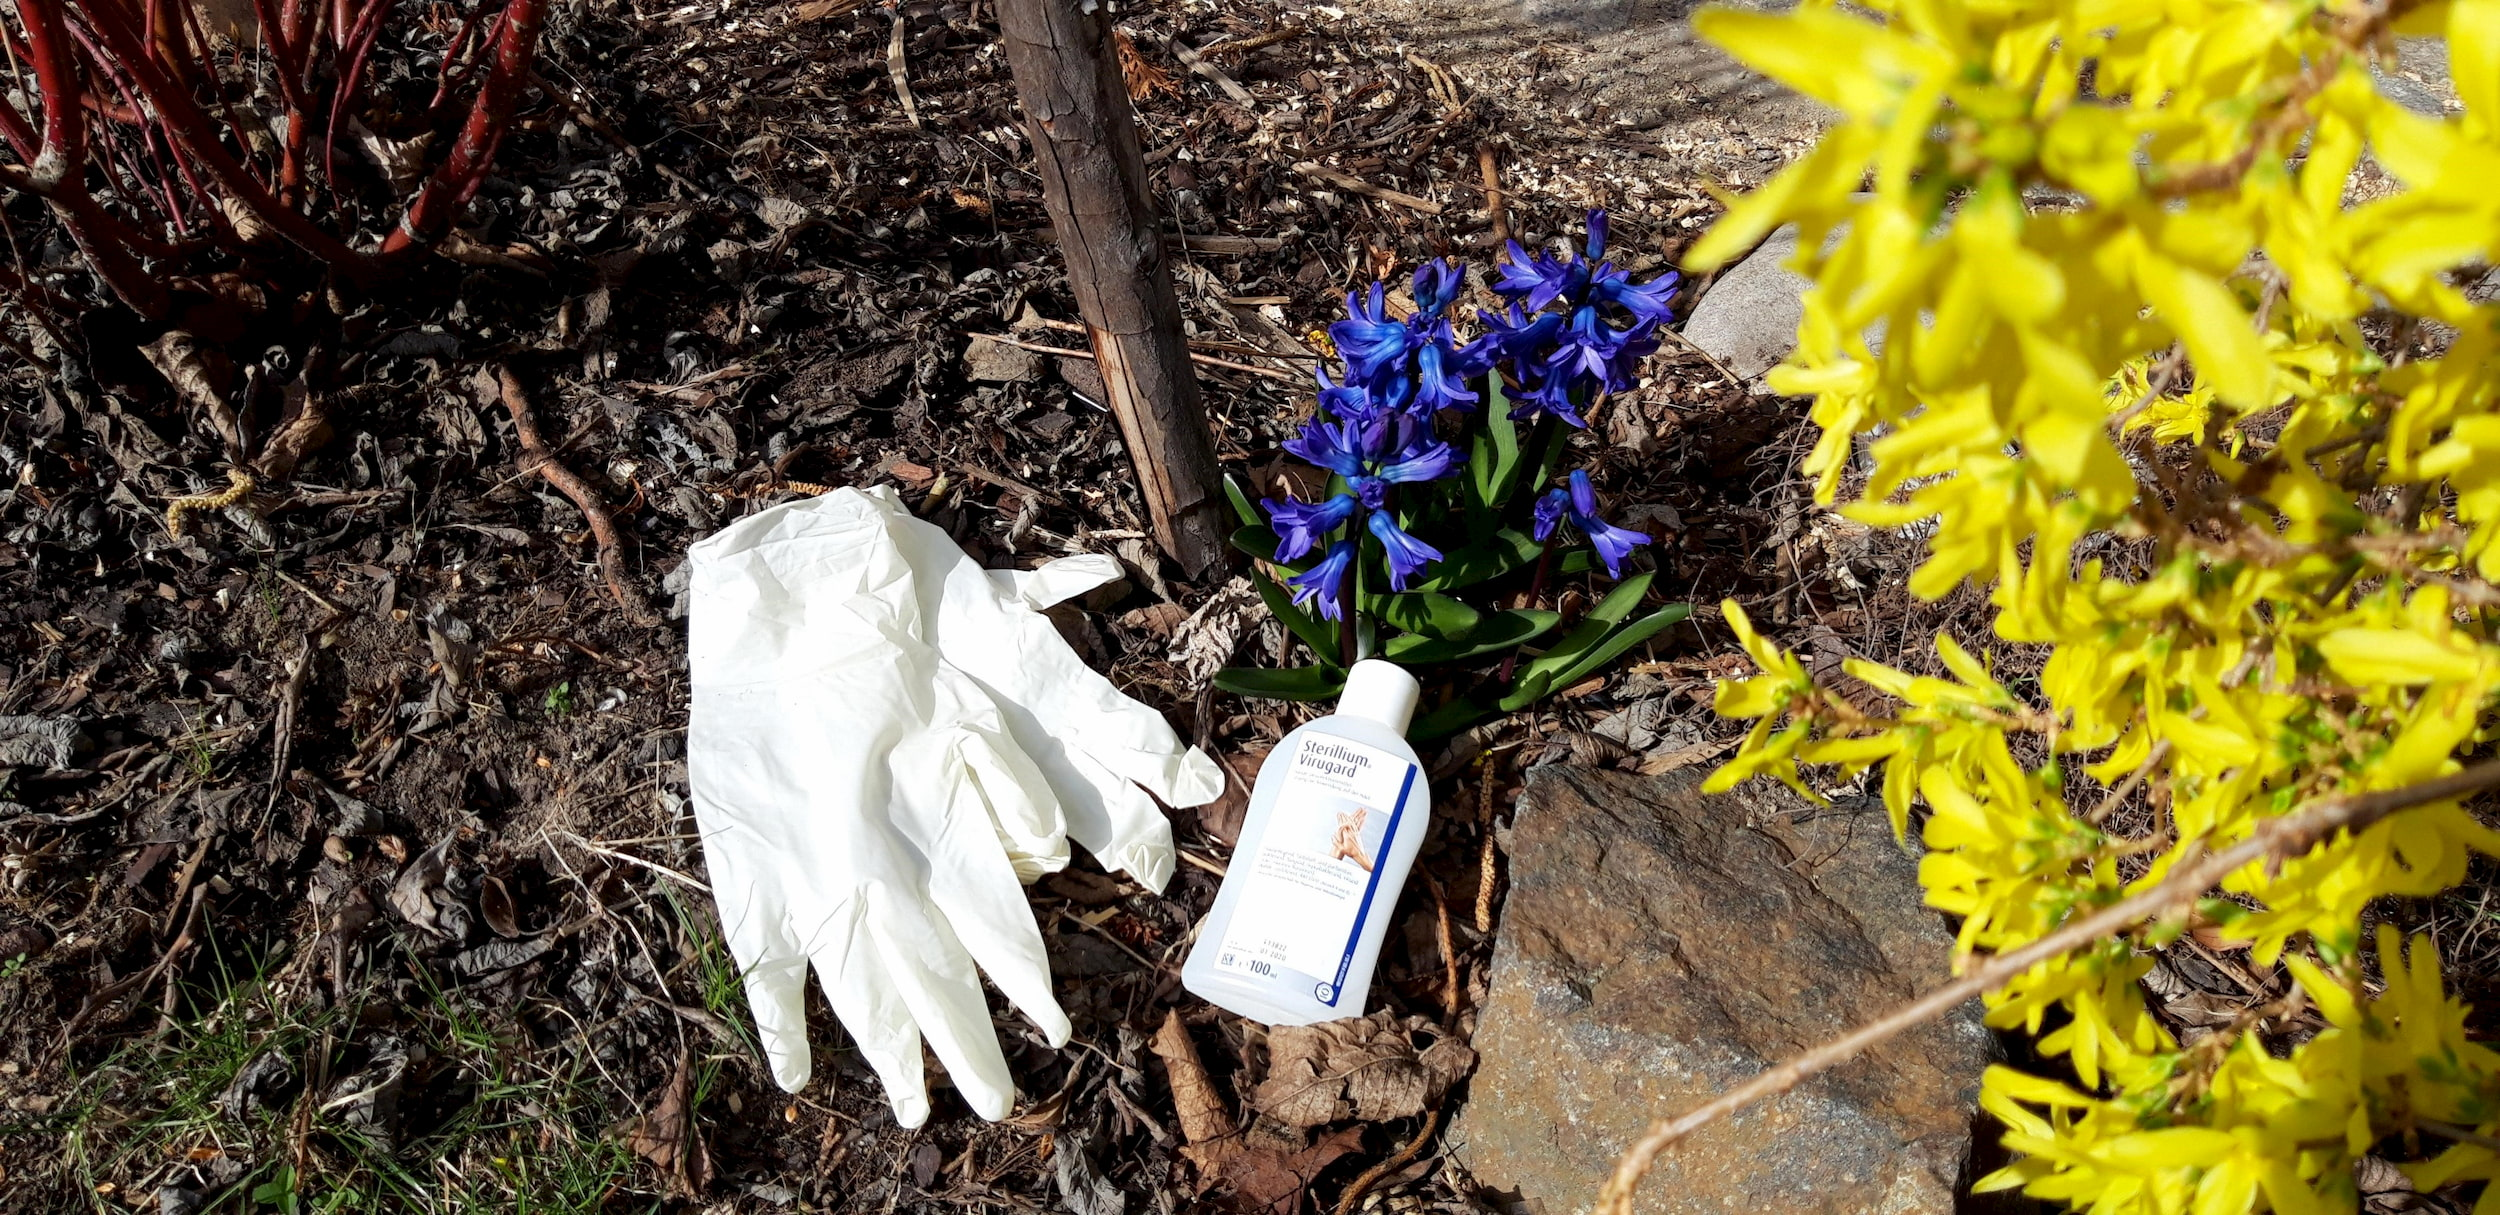 Desinfektionsmittel, Einmalhandschuhe und Blumen